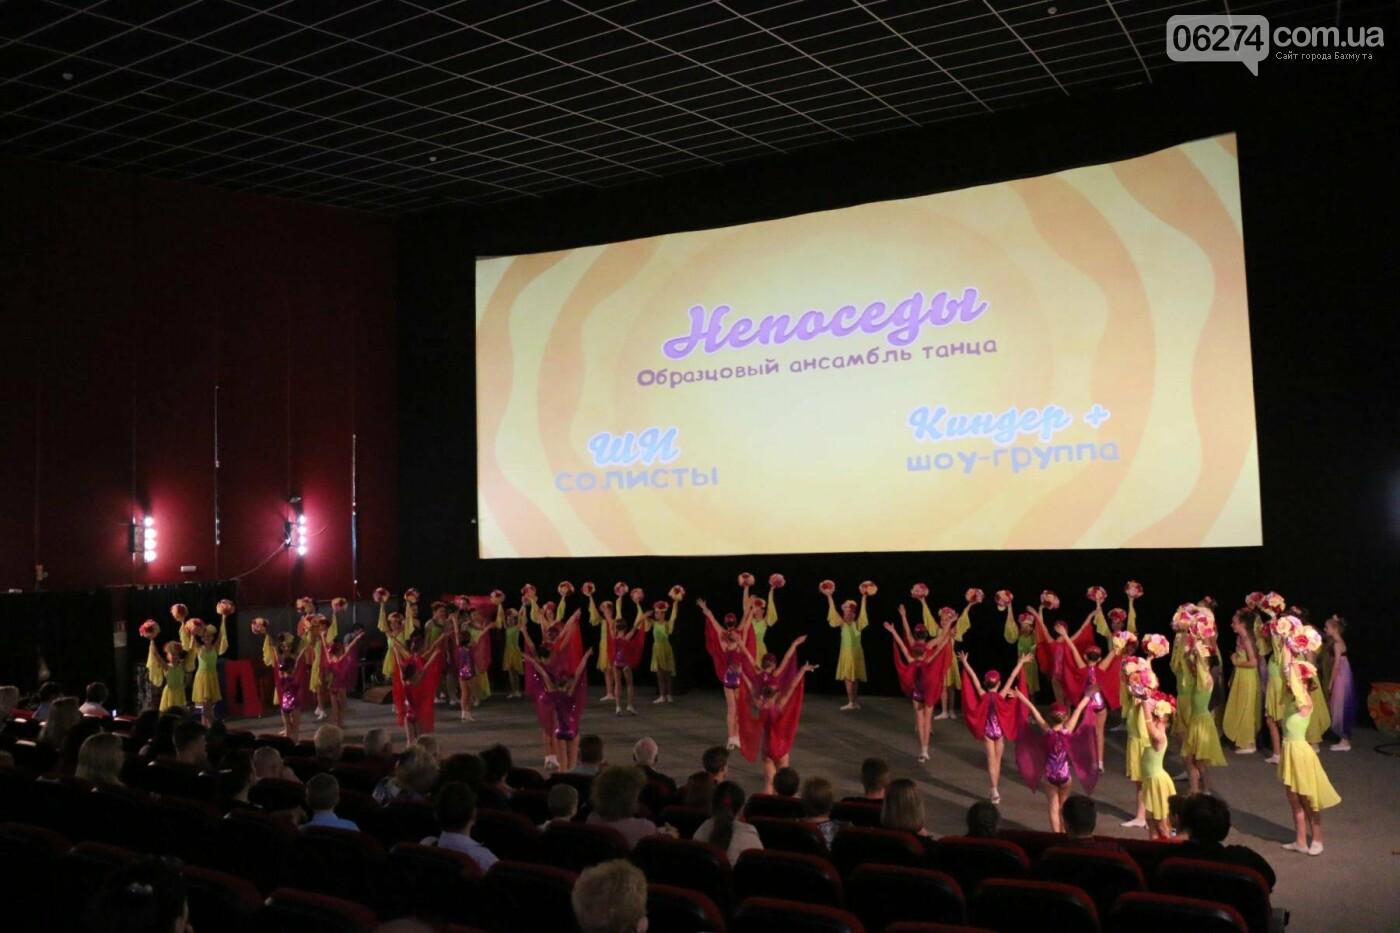 В Бахмуте прошел отчетный концерт образцового ансамбля танца «Непоседы» (ФОТОРЕПОРТАЖ), фото-1